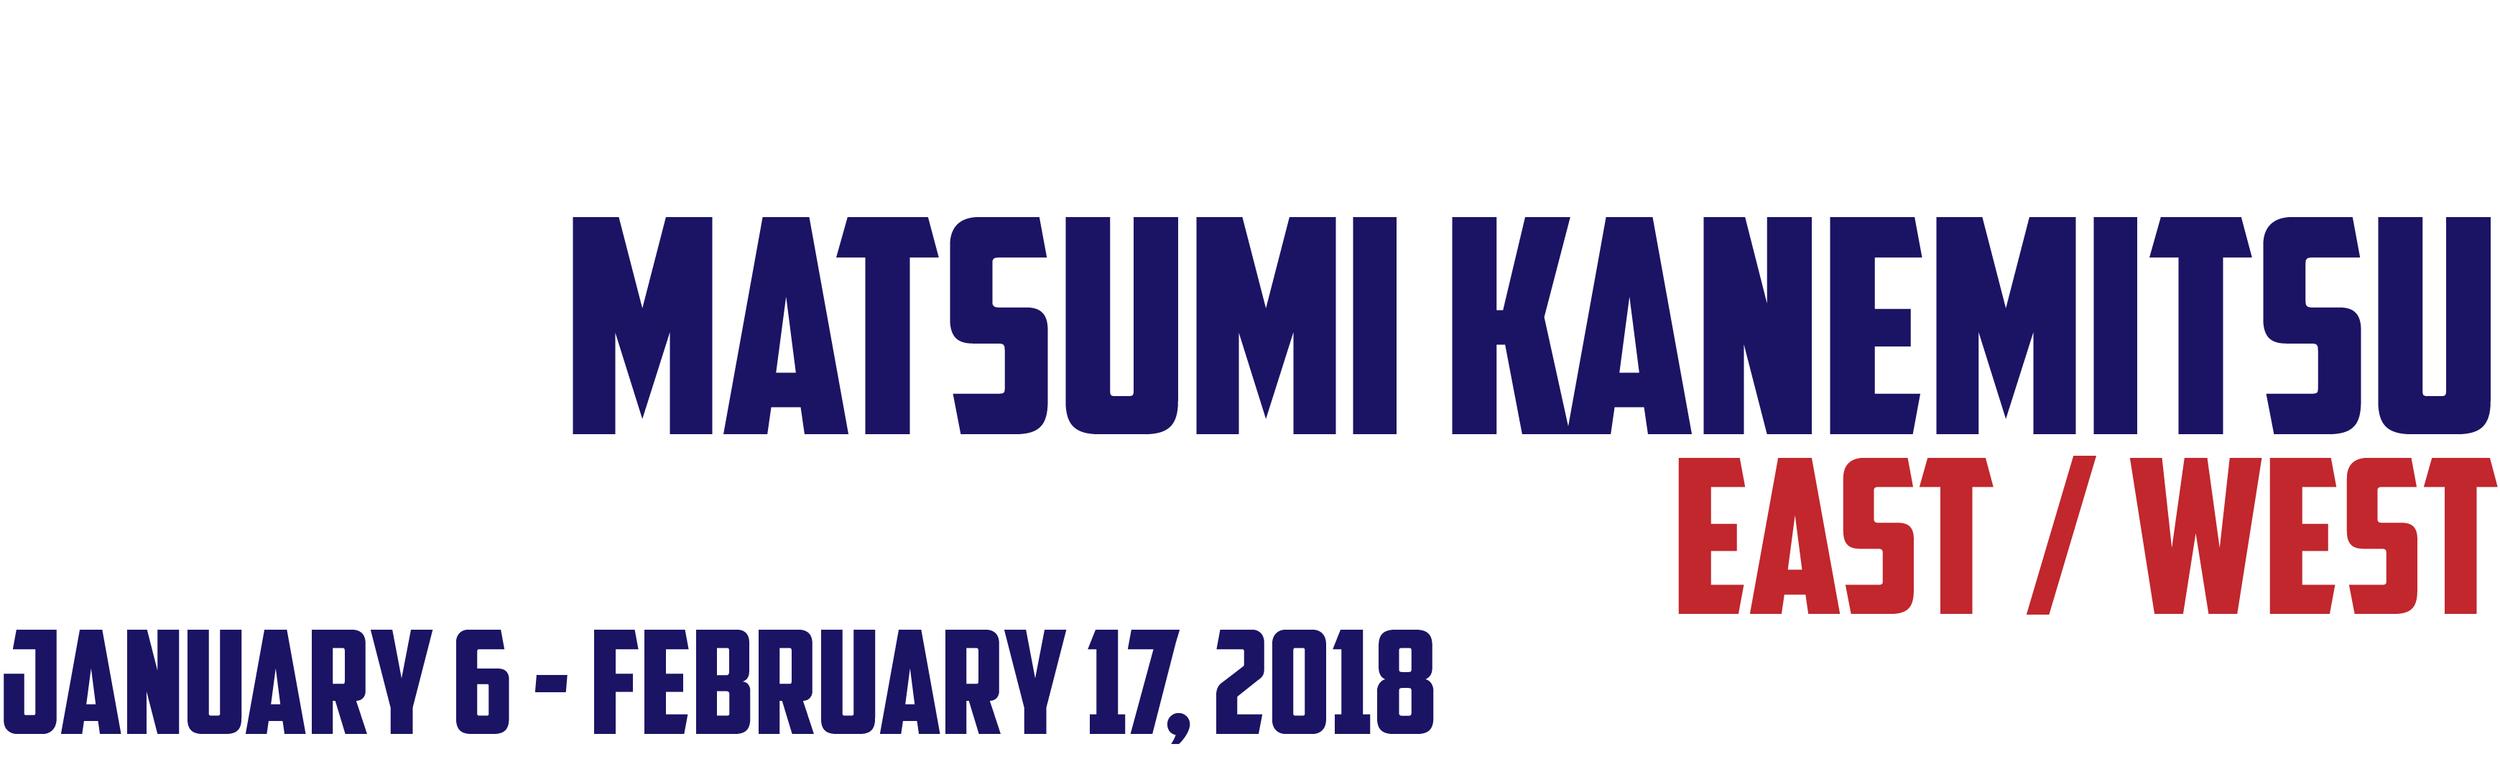 Kanemitsu_Banner.png